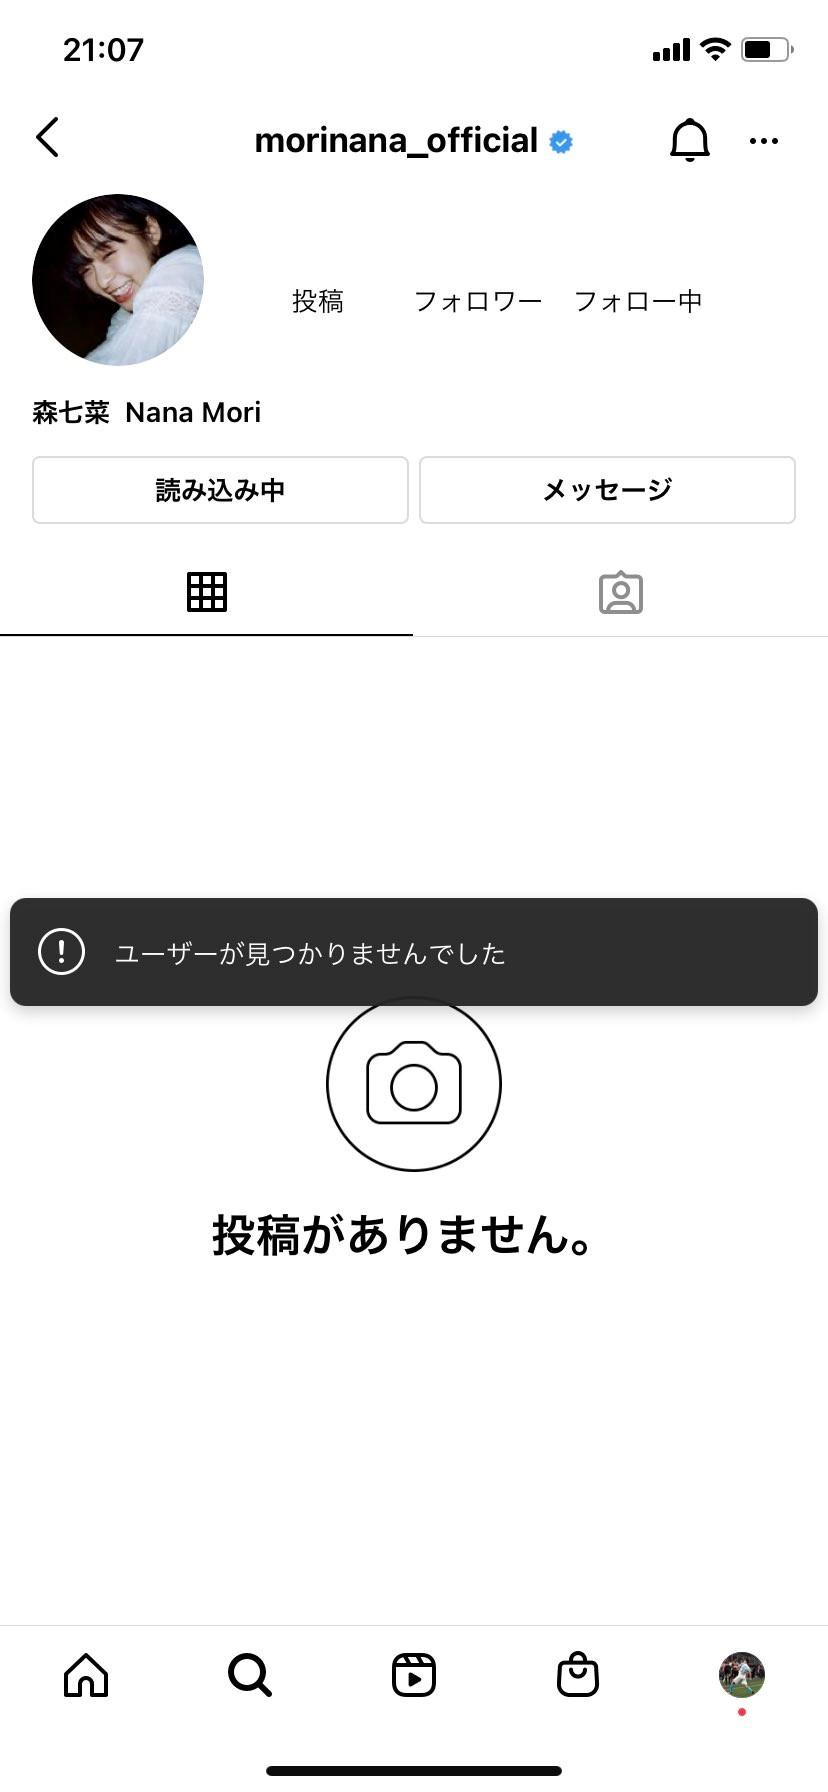 森七菜インスタのアカウント